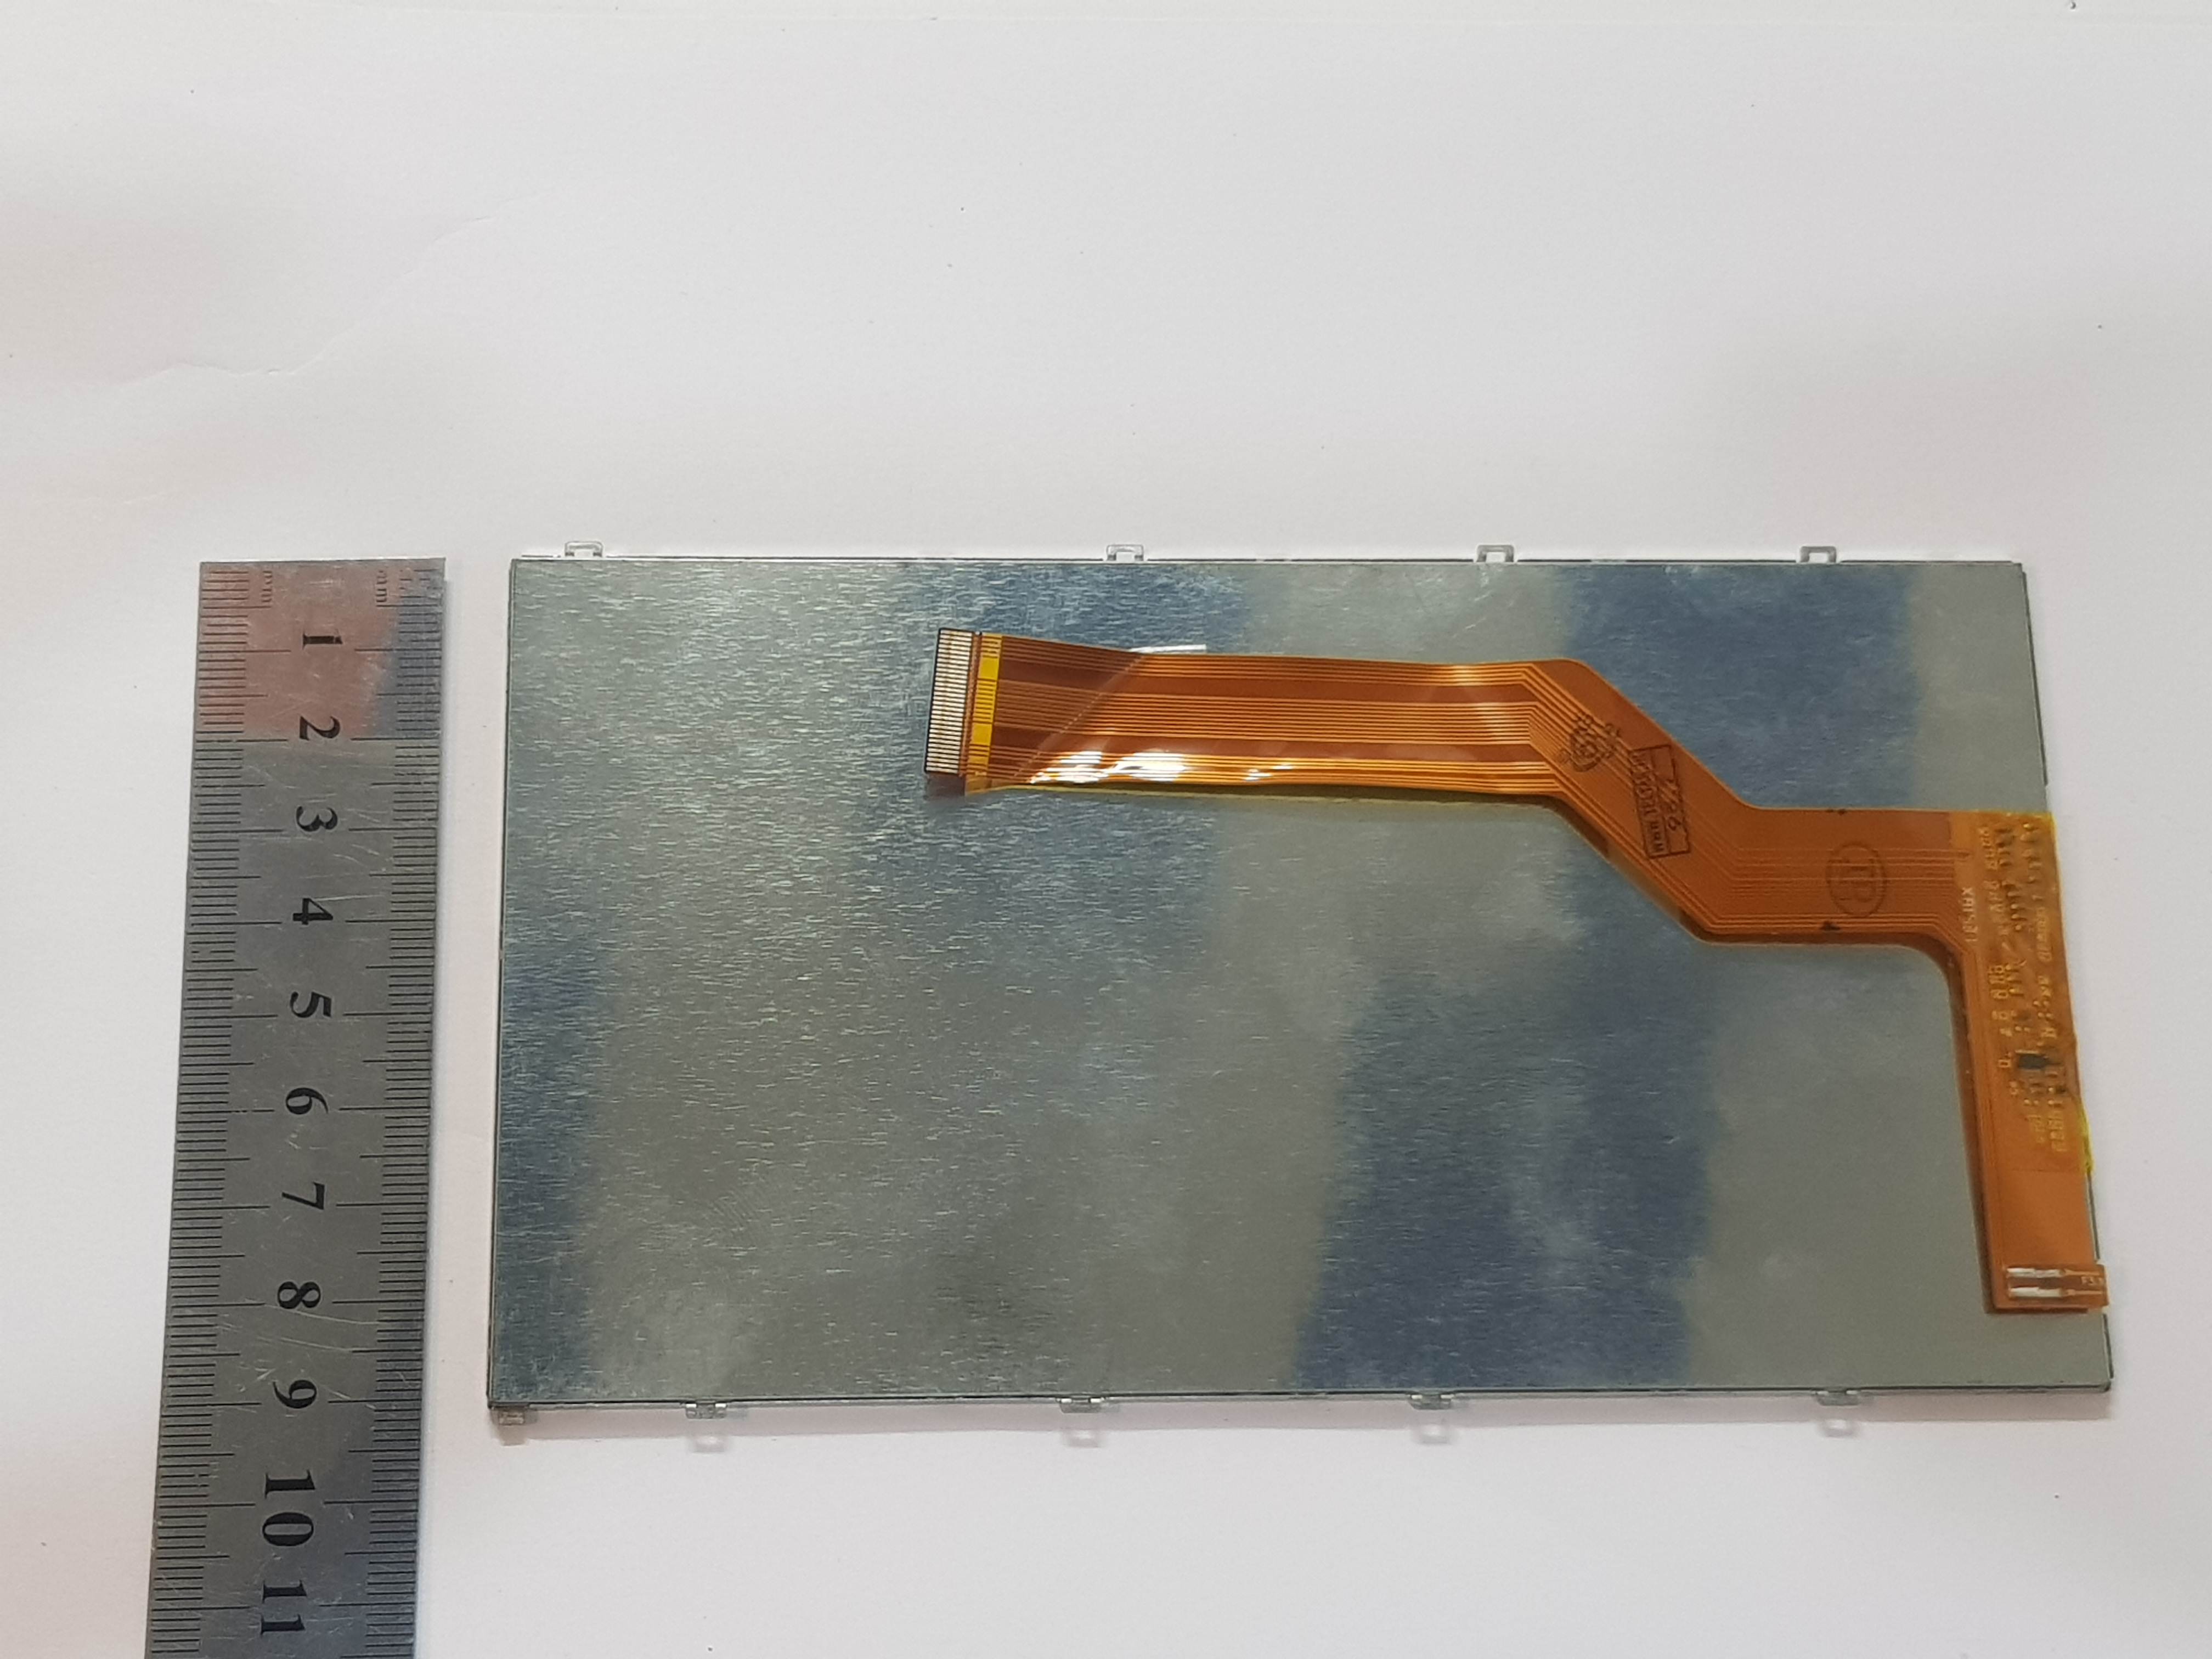 ال سی دی تبلت چینی 30 پایه فلت بلند - LCD CHINA 30 Pin Long FLAT TABLET